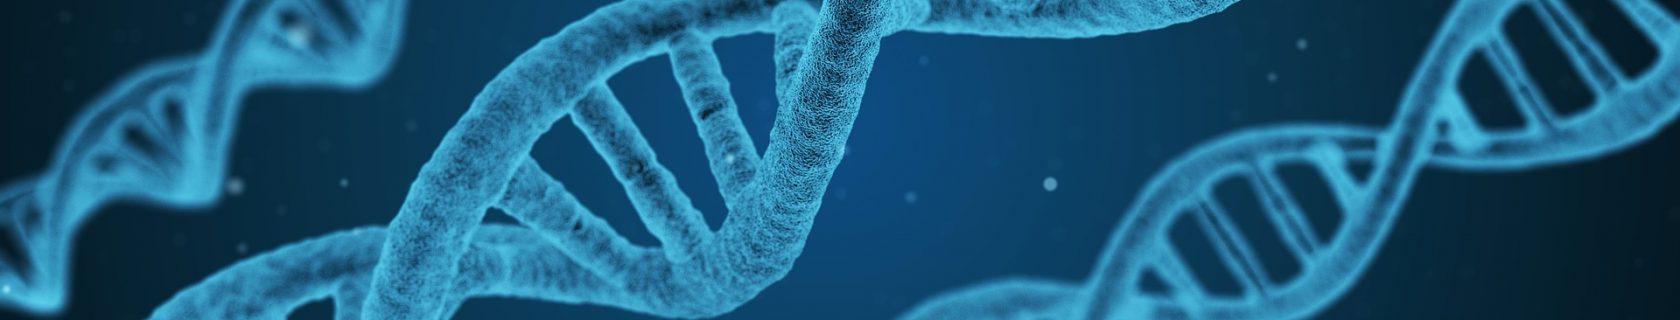 Textbild Chemie DNA-Strang